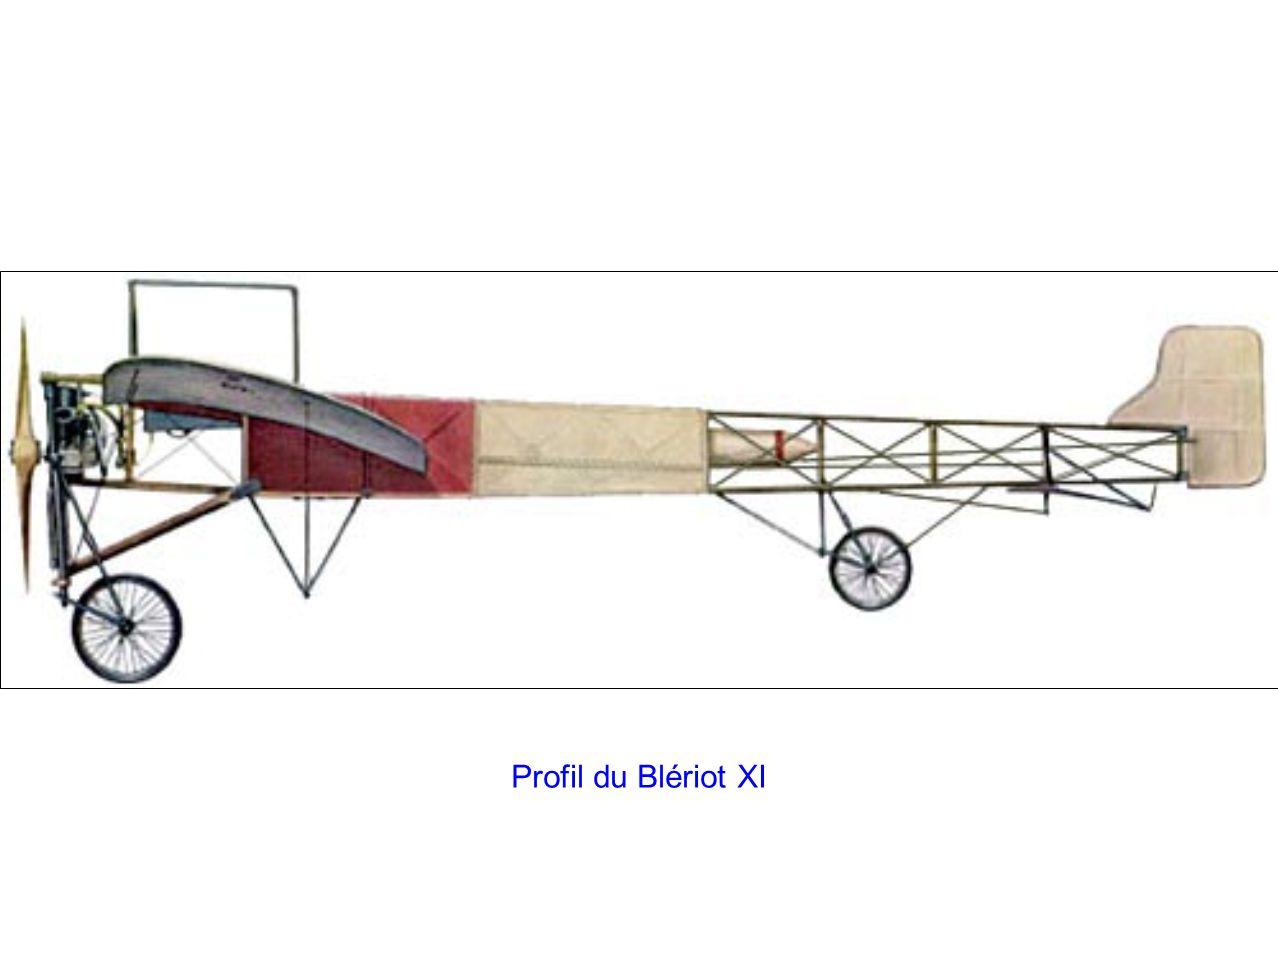 Profil du Blériot XI